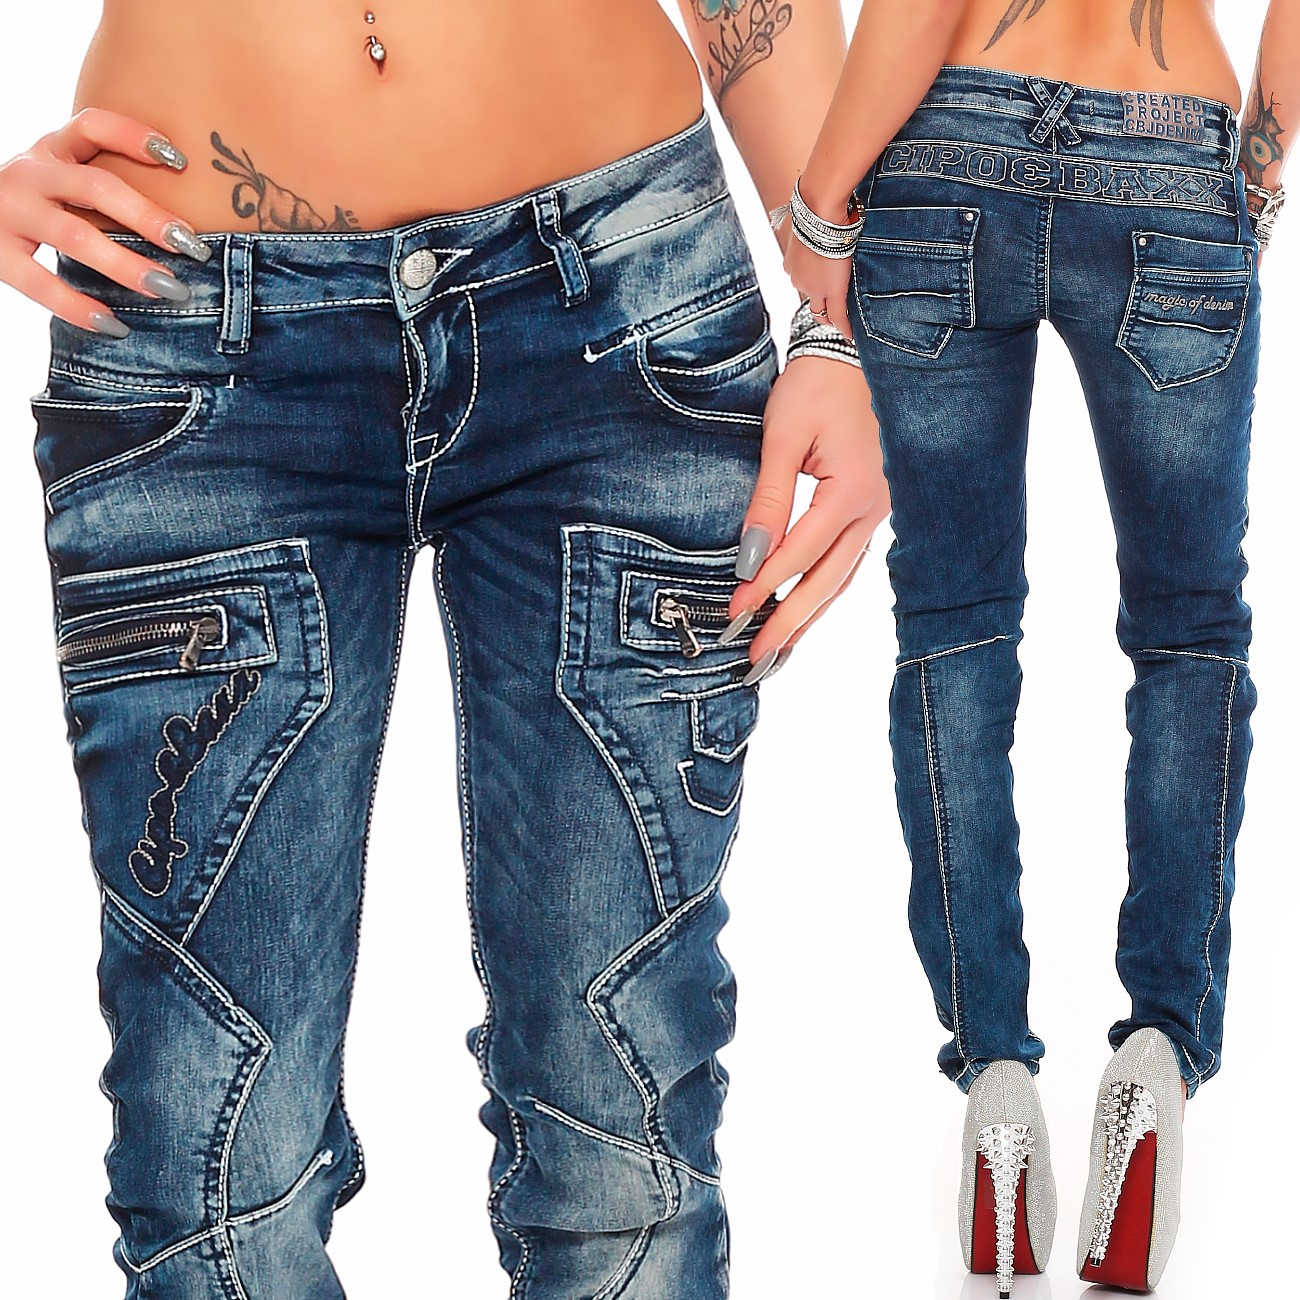 Verschiedene-Cipo-amp-Baxx-Damen-Jeans-Hosen-Slim-Fit-Regular-Fit-Streetwear Indexbild 25